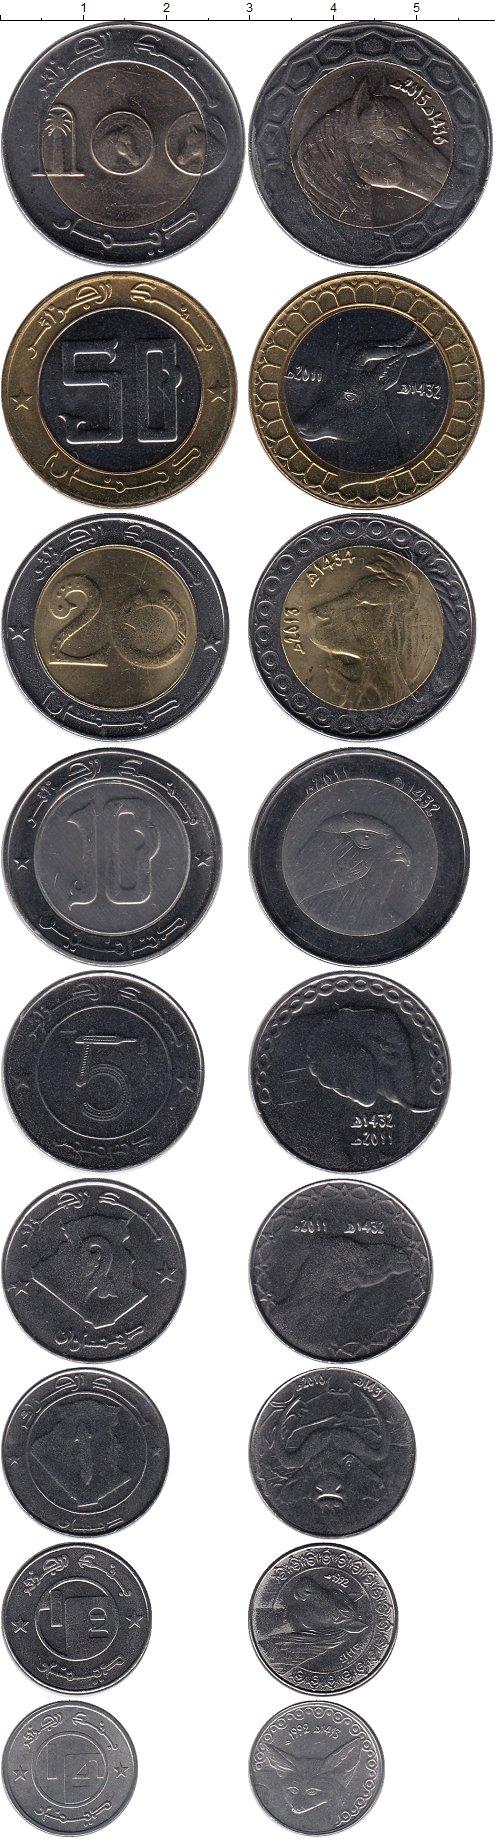 Картинка Наборы монет Алжир Набор 1992-2011 годов  0